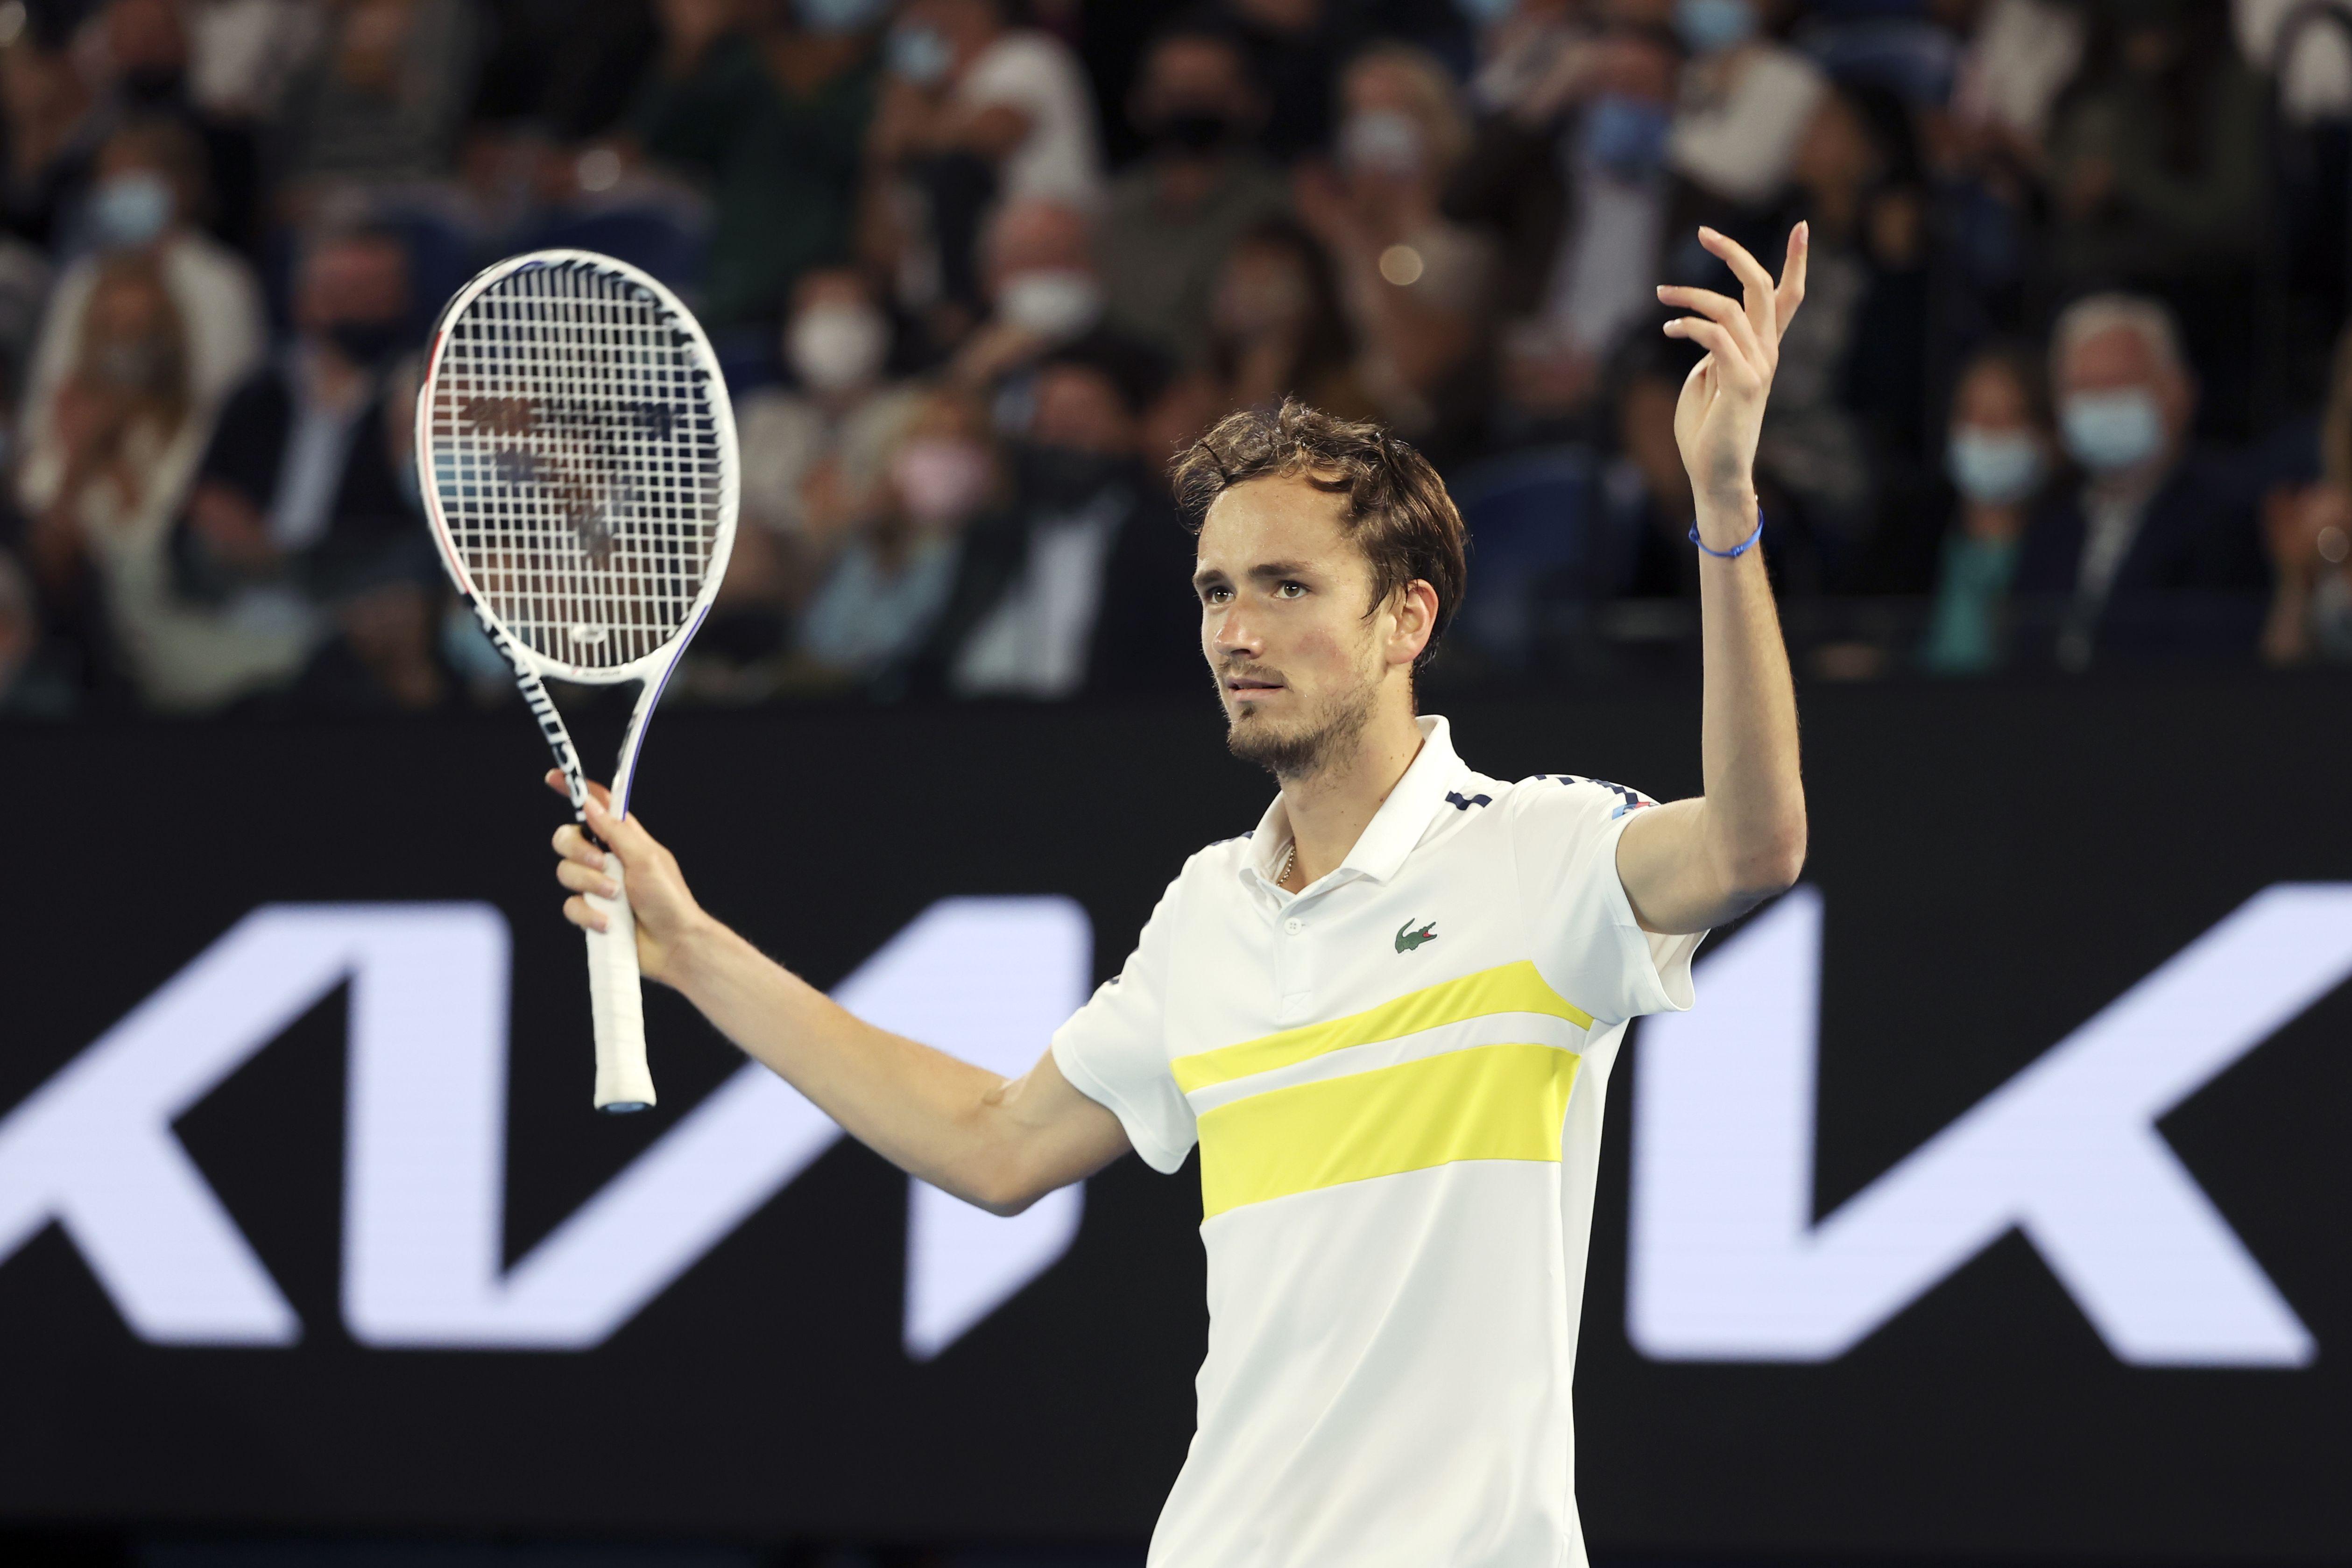 Медведев оценил уровень тенниса в России: 'Он на подъёме'